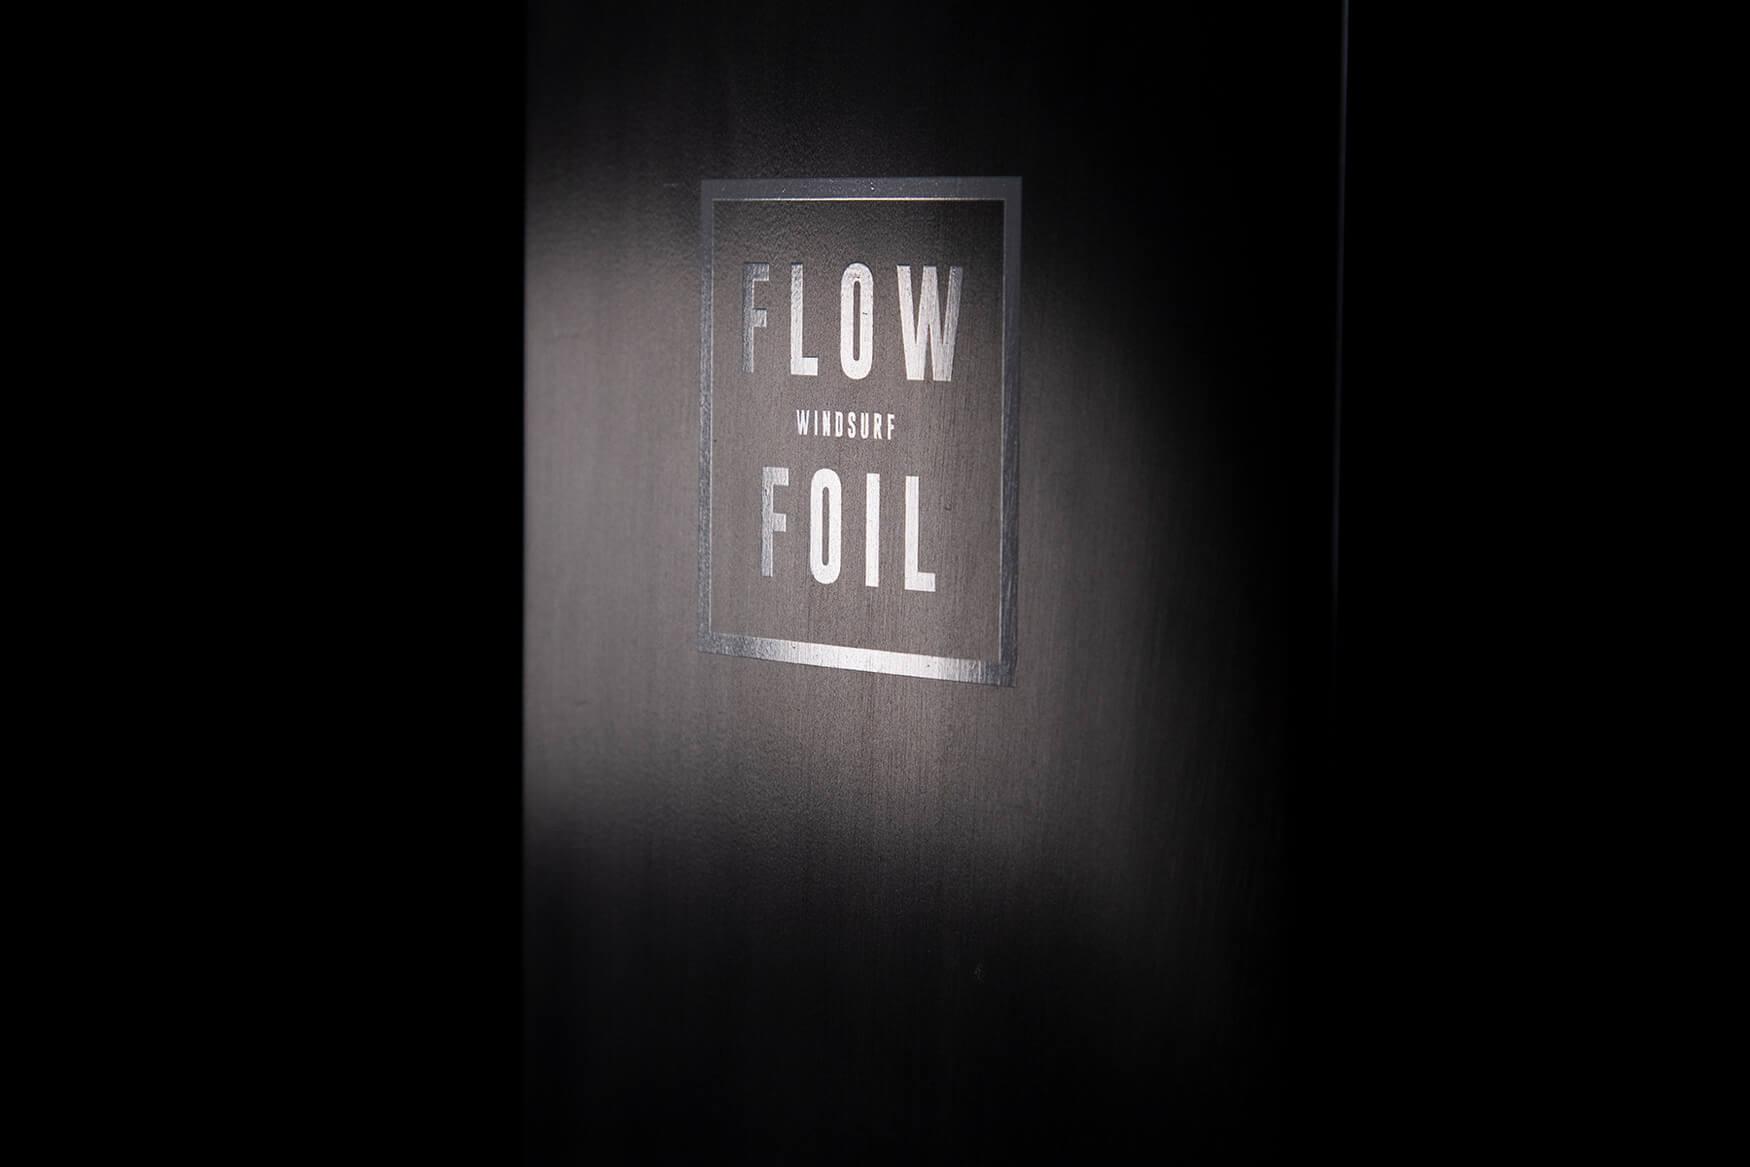 Flow Foil 900